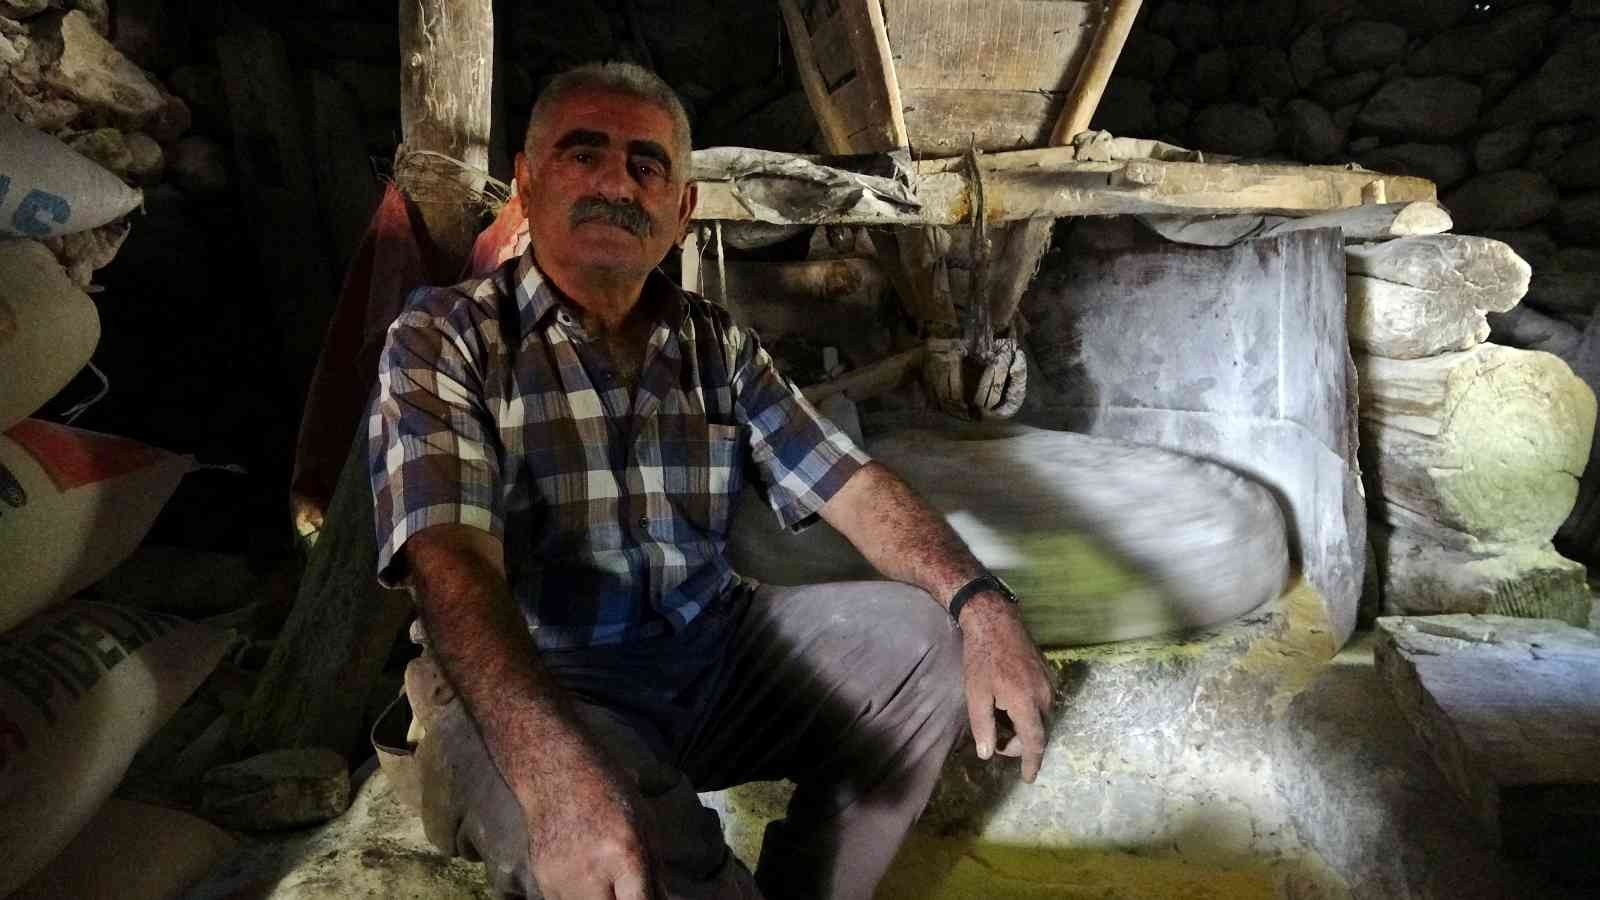 300 yıllık su değirmeni teknolojiye rağmen dönüyor #hakkari